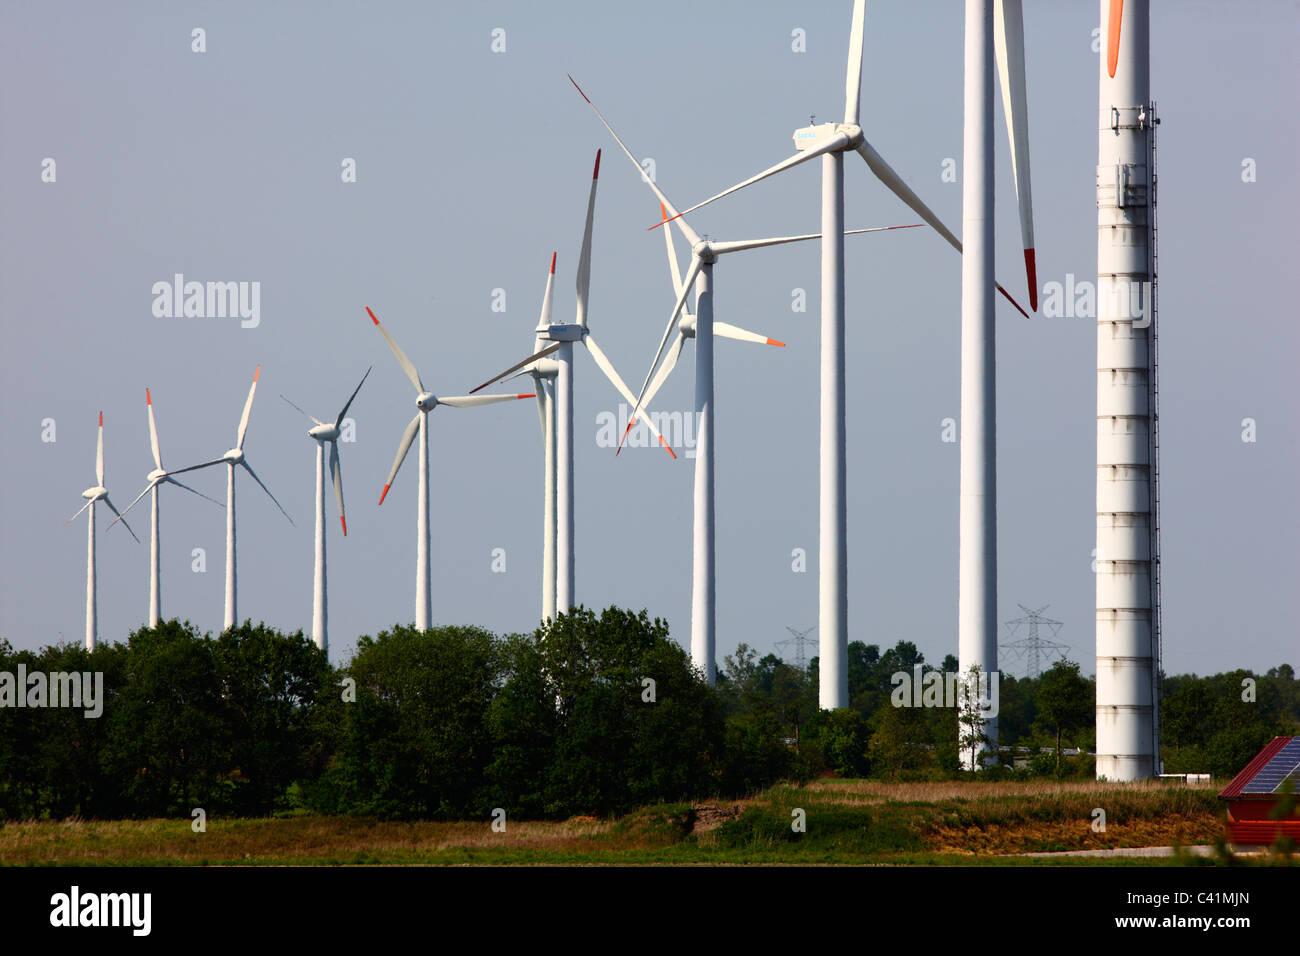 Parque de energía eólica en la carretera A 31cerca Rhede, Alemania. Imagen De Stock